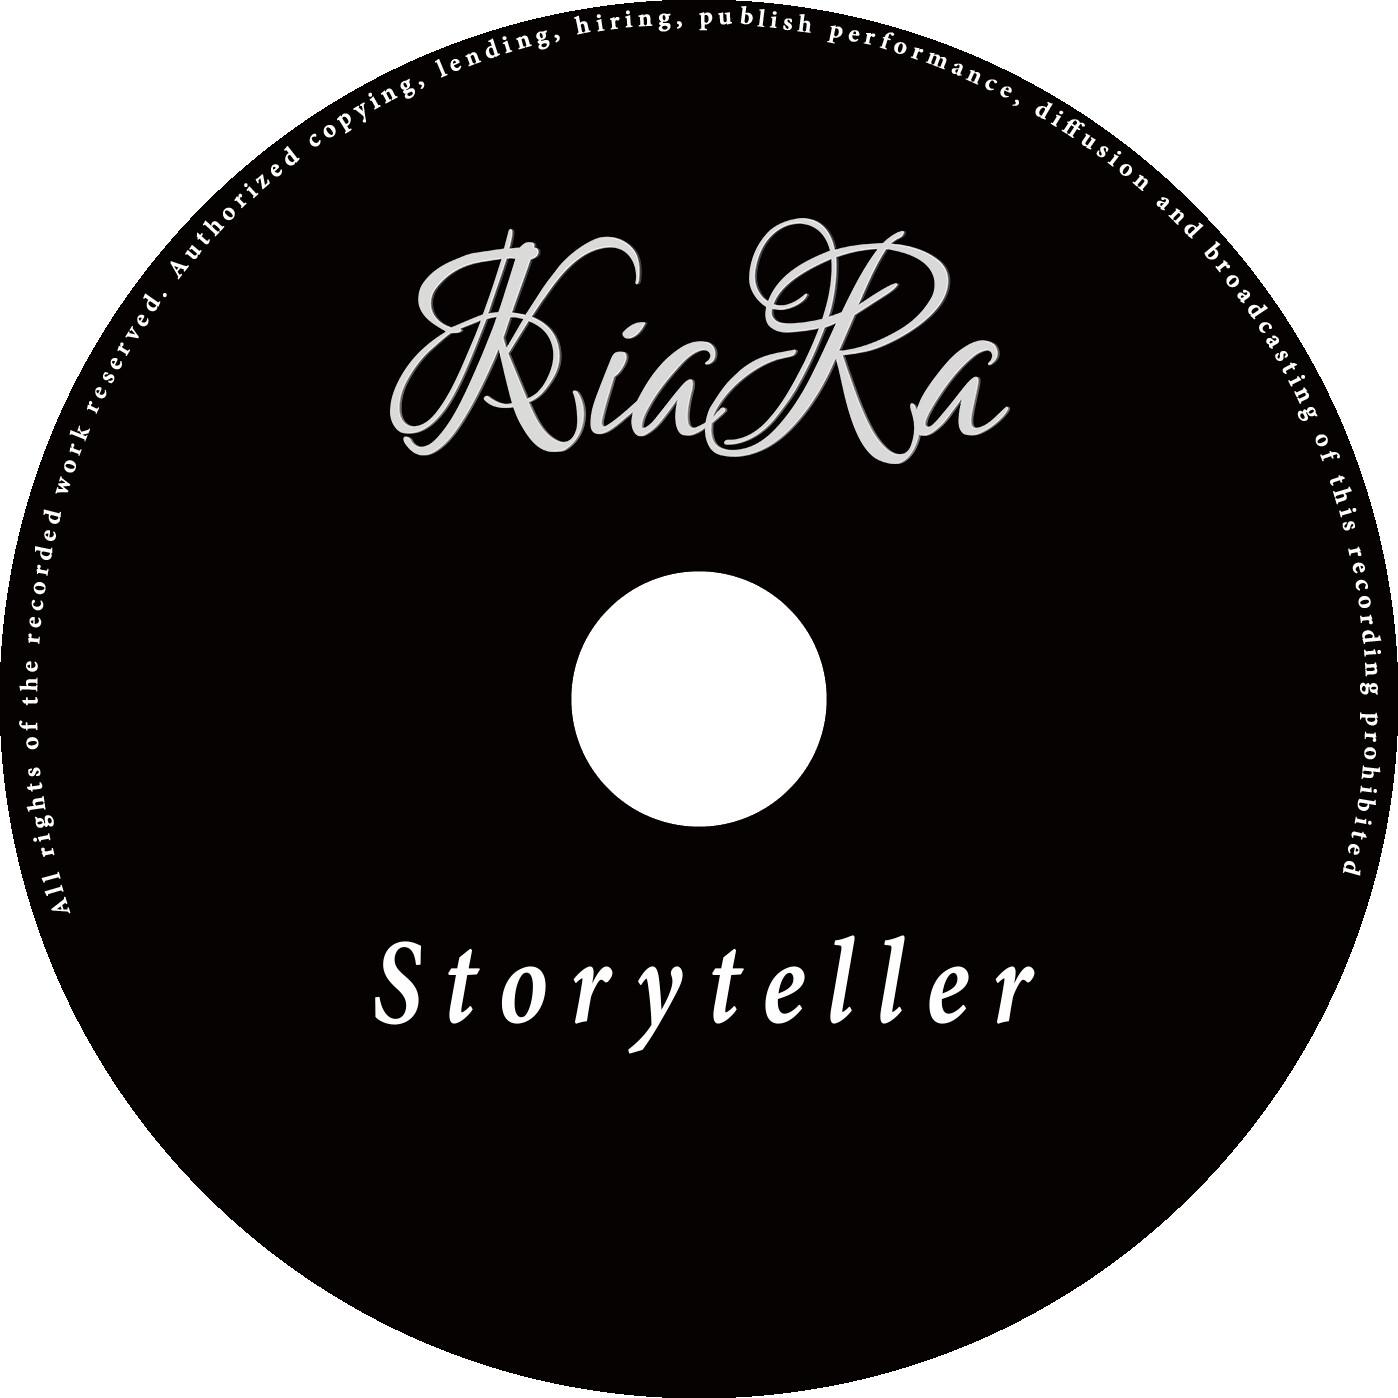 Storyteller CD